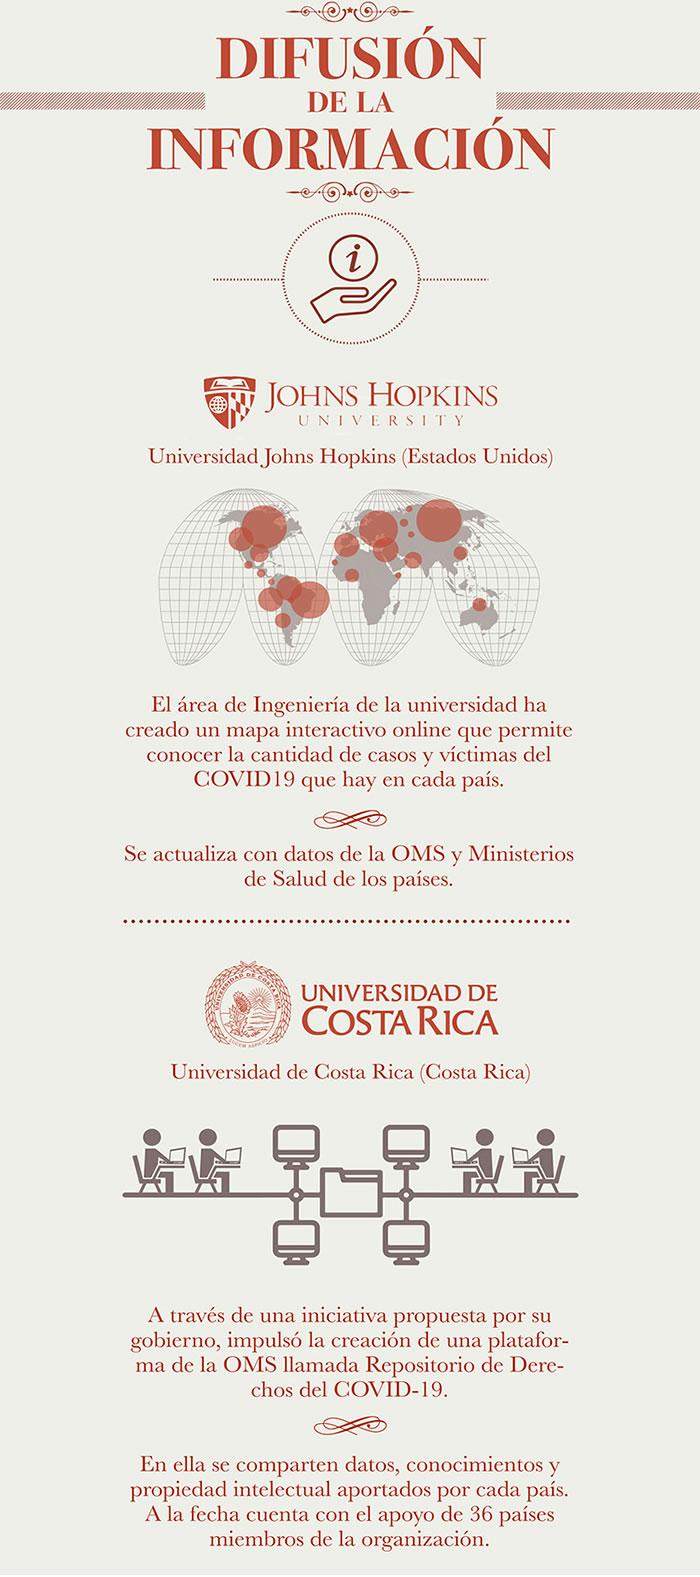 UNIVERSIDADES CONTRA EL COVID DIFUSION DE INFORMACIÓN